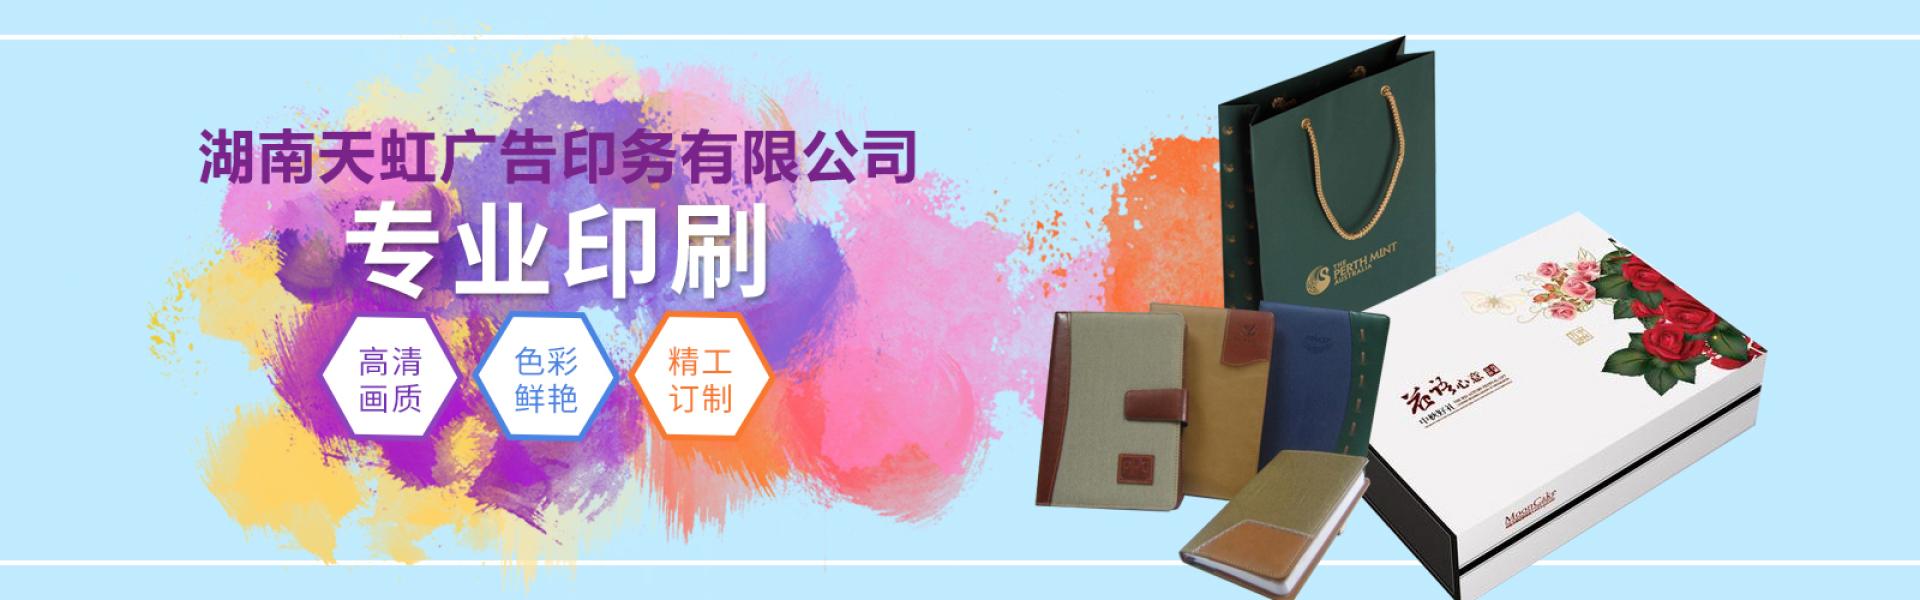 龙8国际备用网站long88